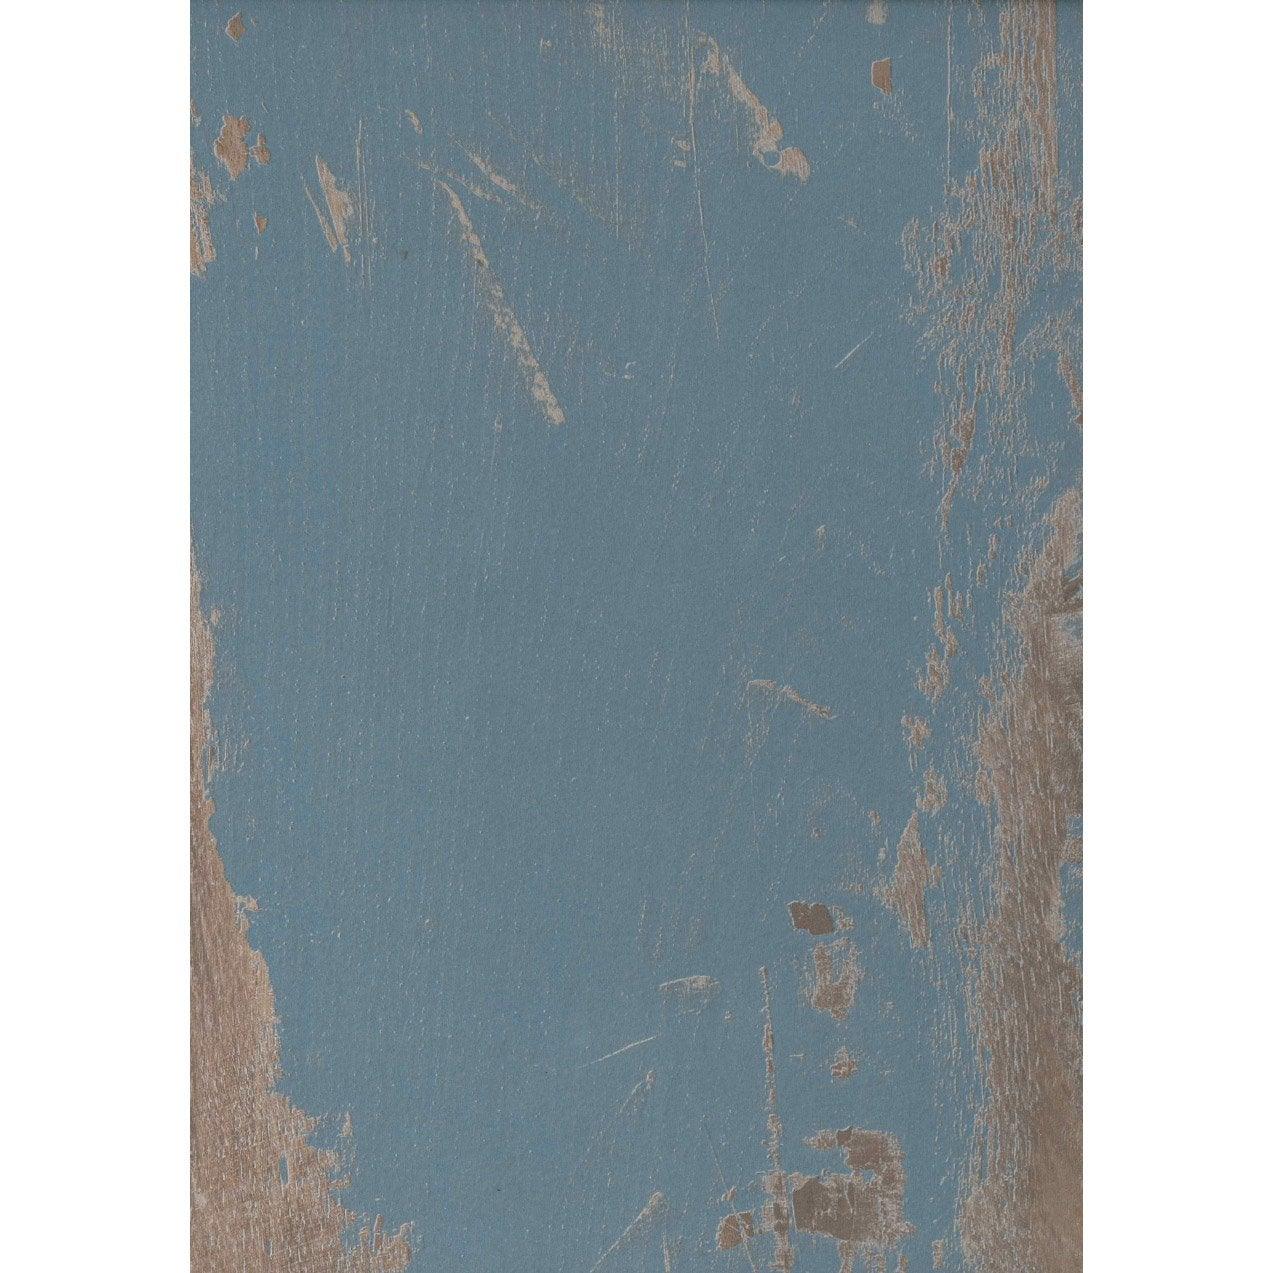 Leroy merlin peinture sol 28 images peinture sol antid 233 rapante grise oxytol leroy merlin - Aangepaste trap leroy merlin ...